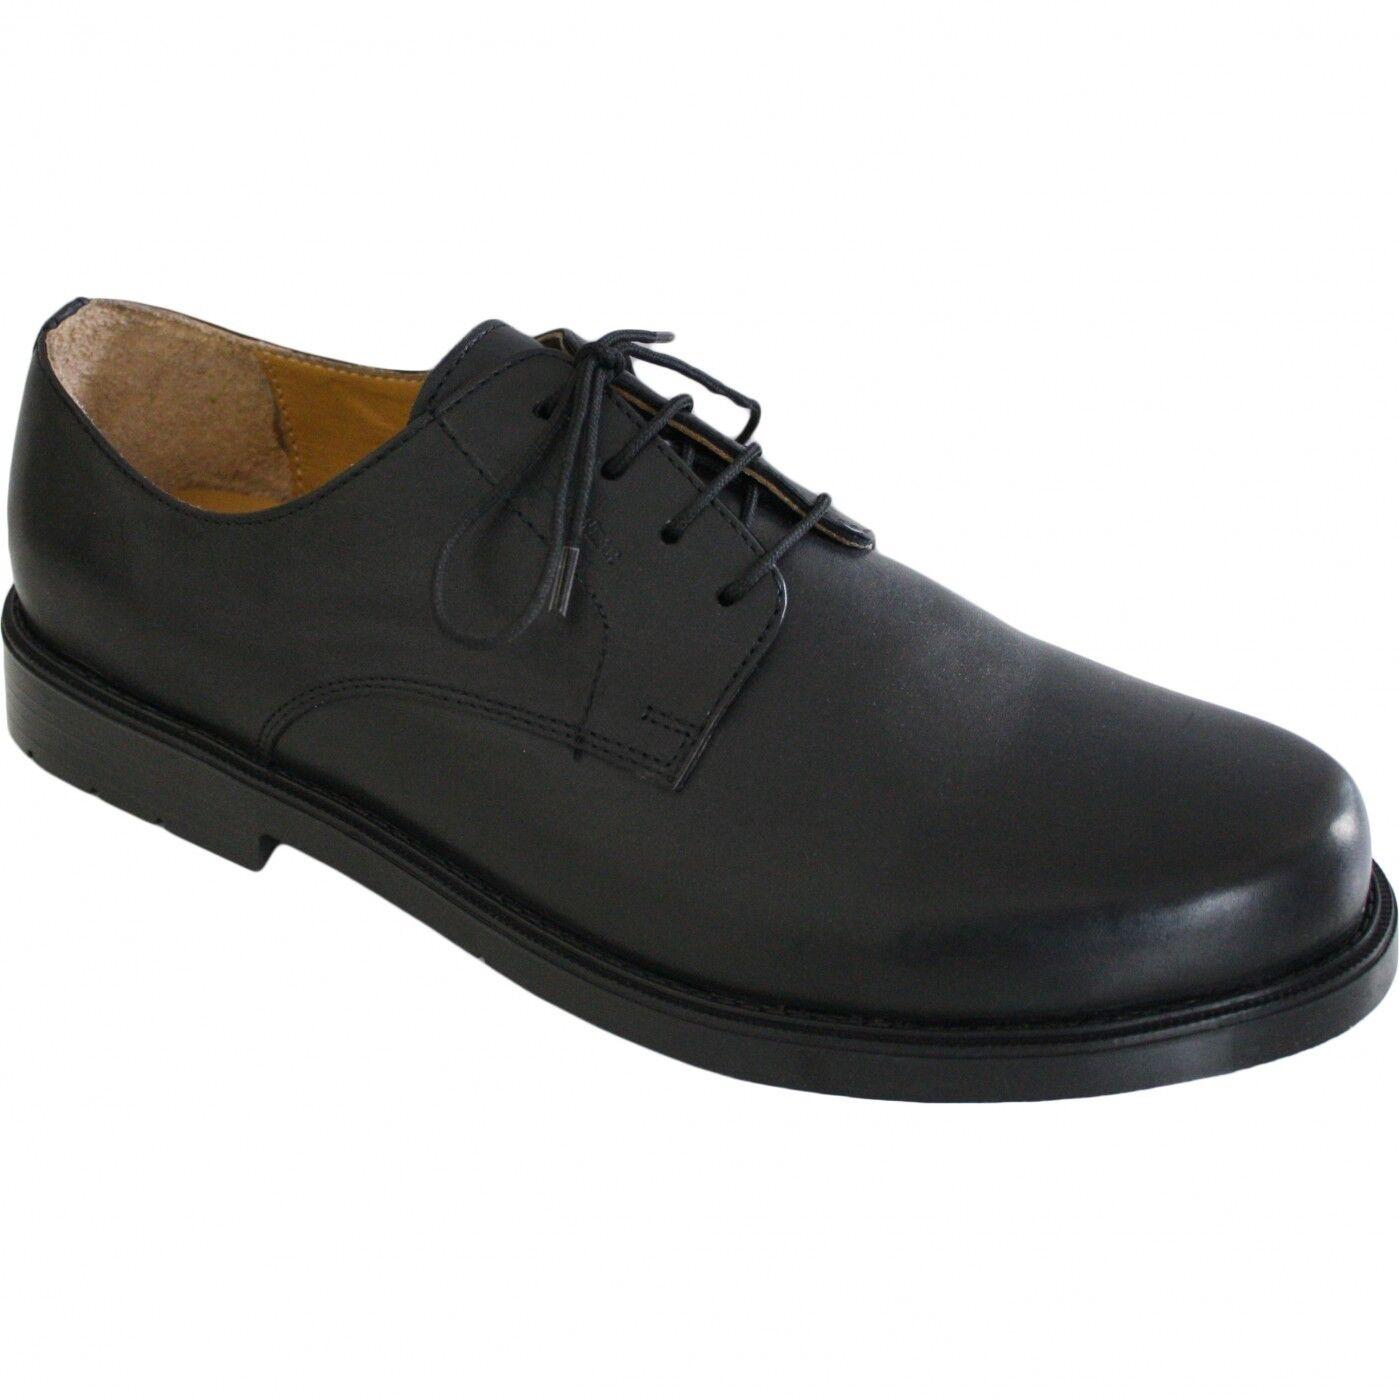 German Wear, Business-schuhe Lederschuhe Halbschuhe Lederschuhe Business-schuhe Schuhe schwarz 2e5fe5